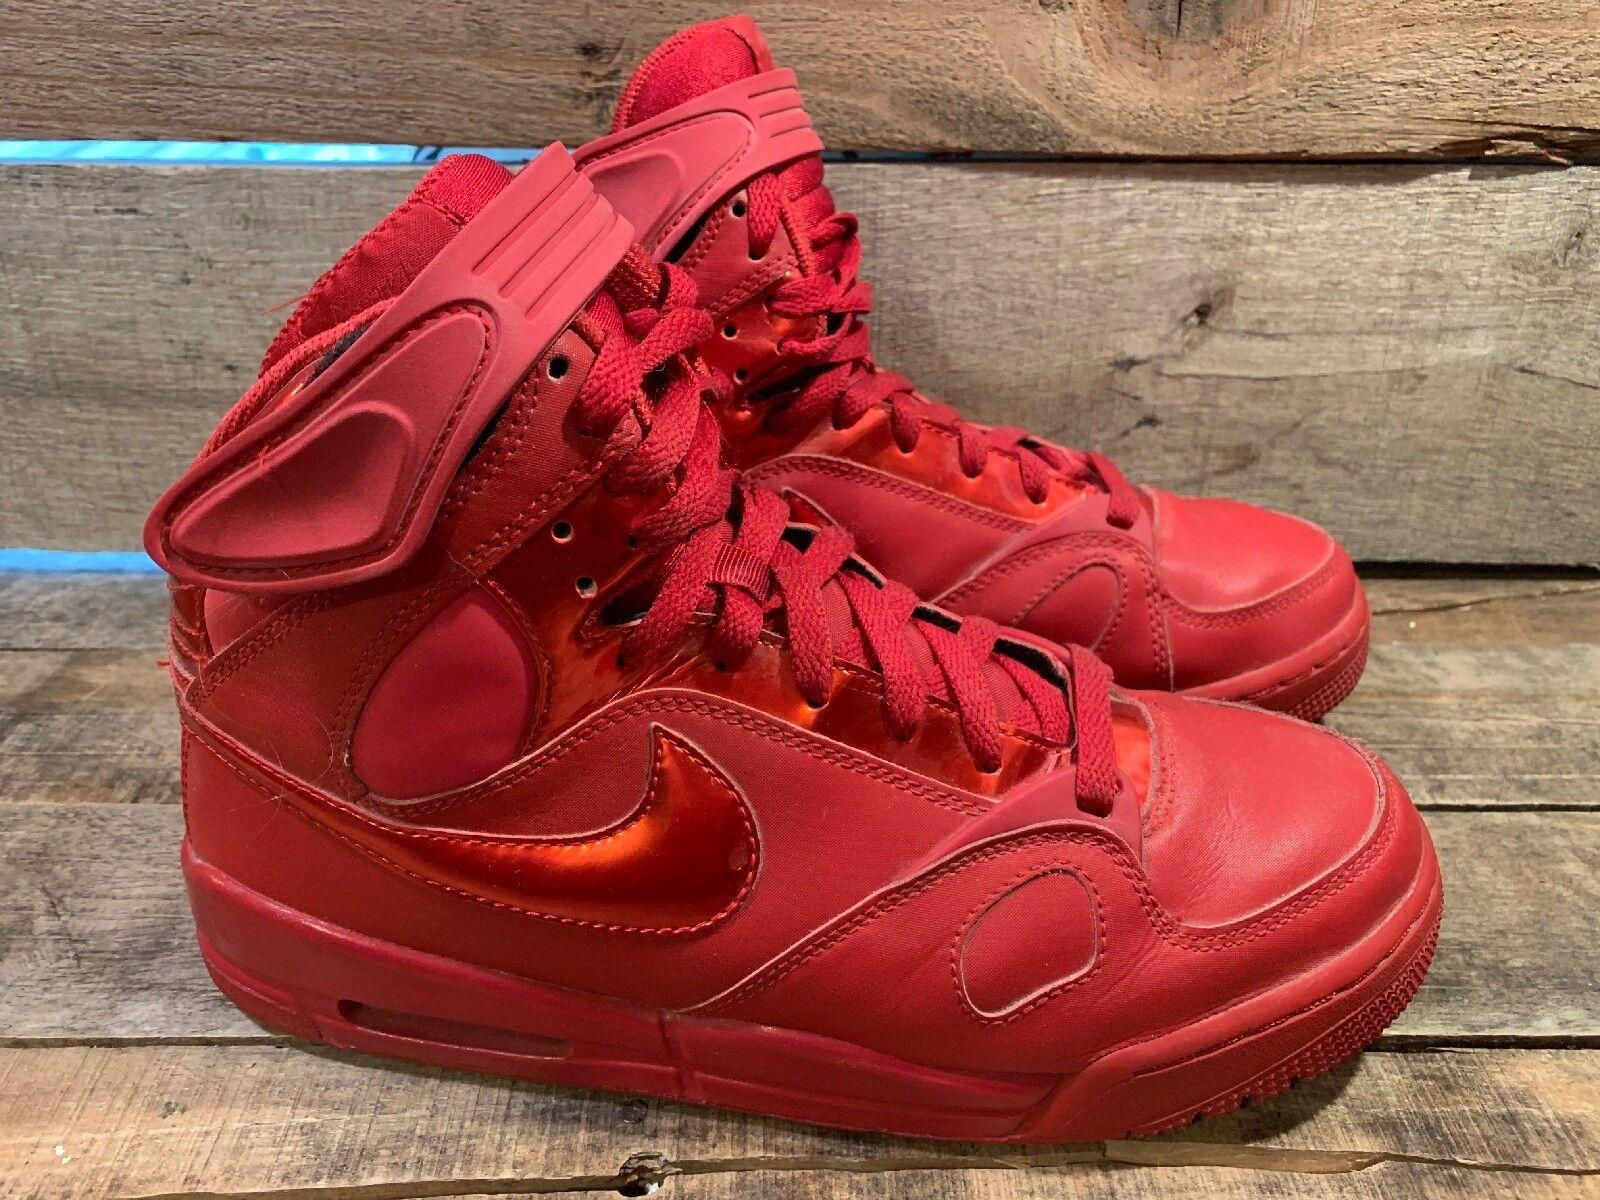 Nike Air PR1 Hoh Haus der Bänder Herren Schuhe Größe 8 Uni Rot 432526-666